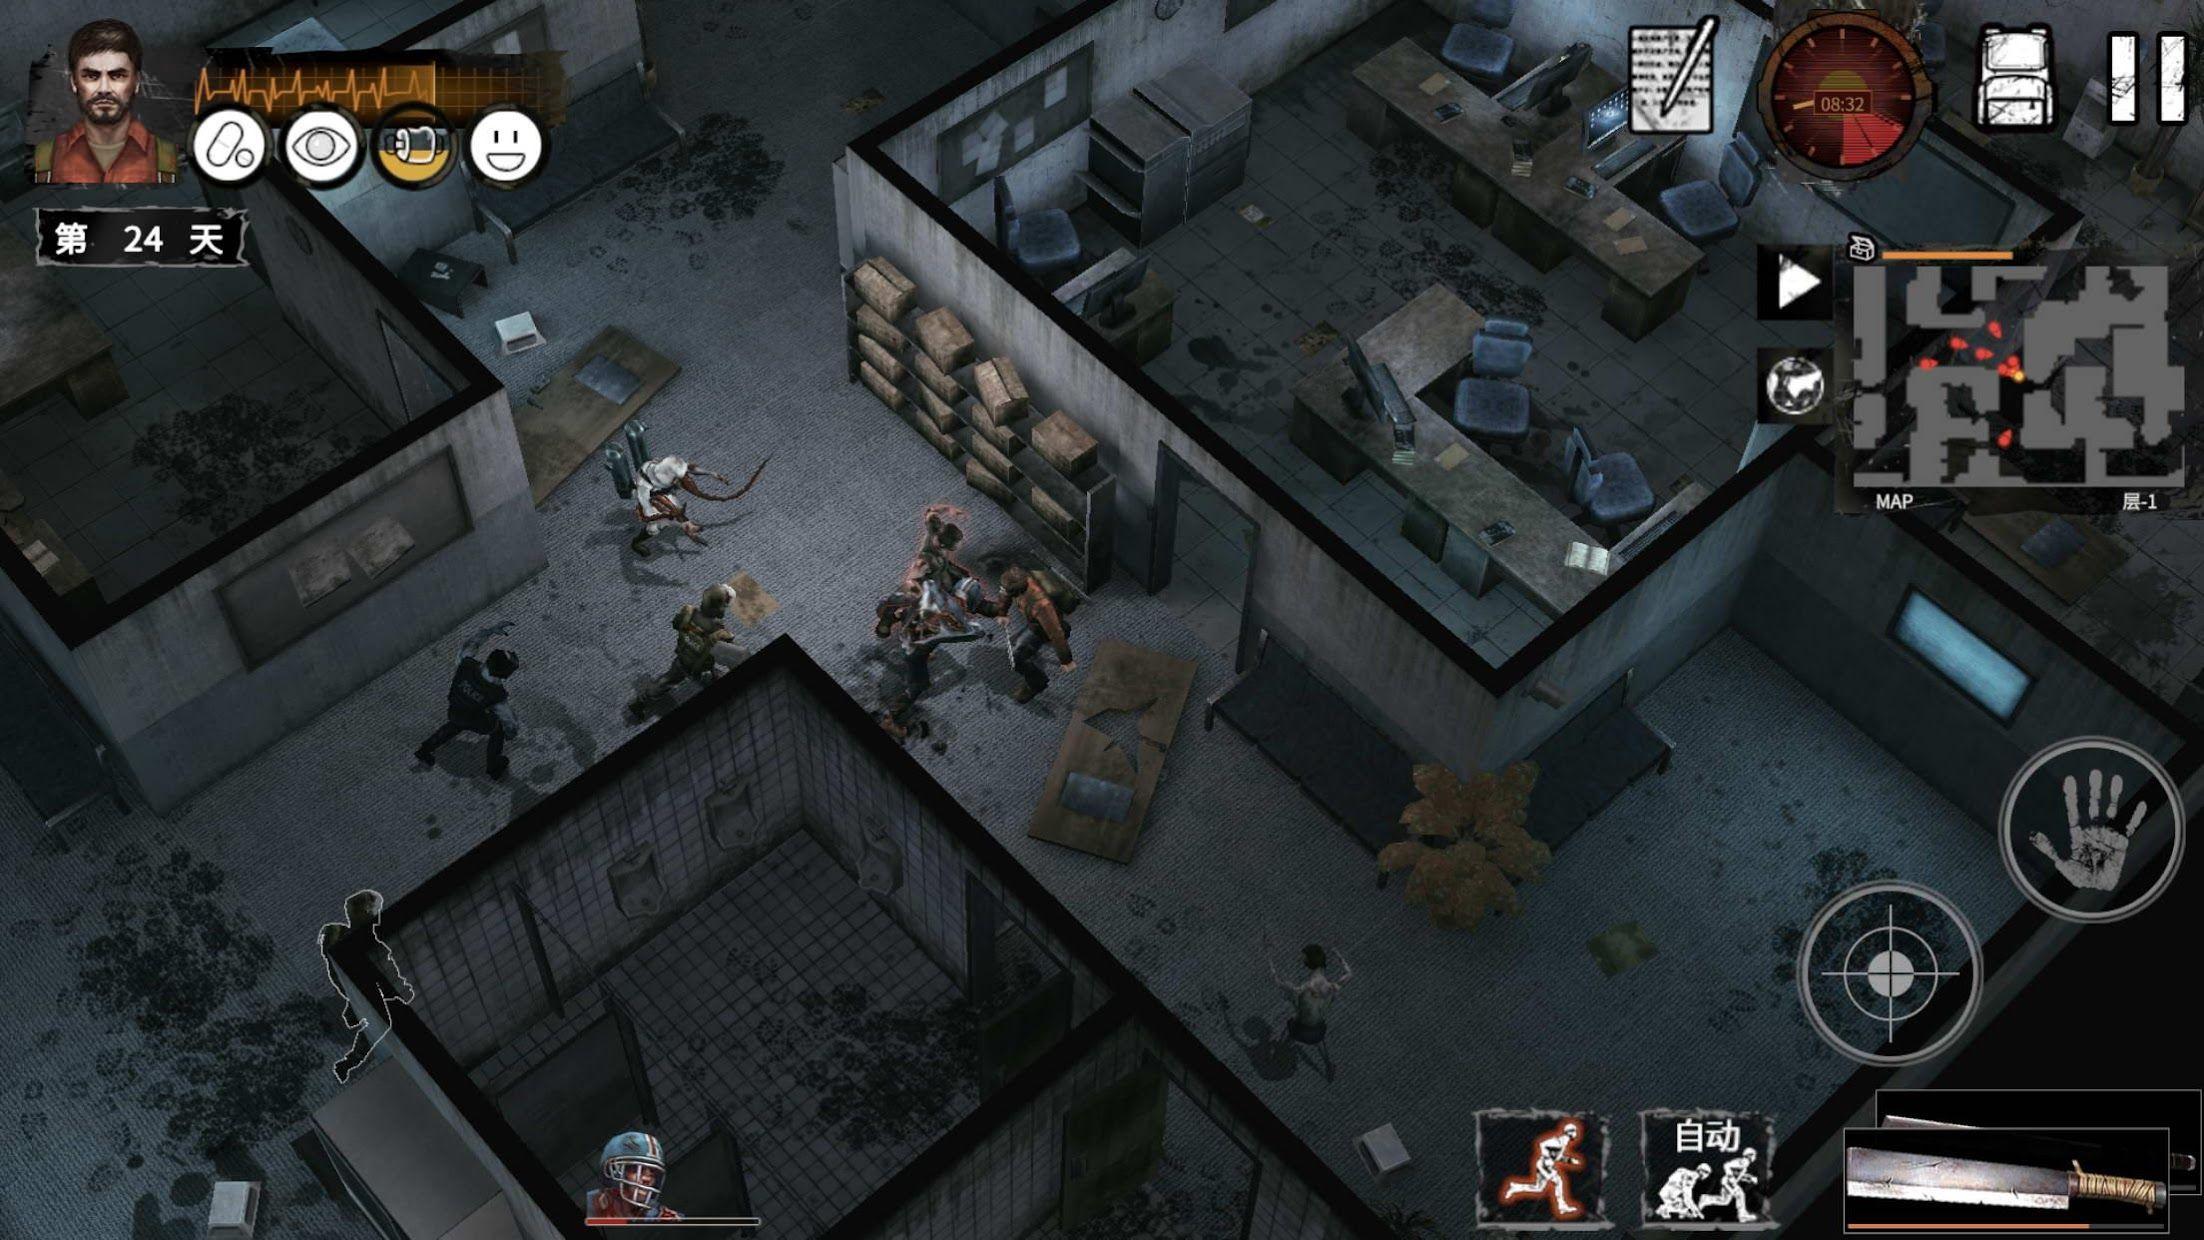 末日方舟: 生存 游戏截图3